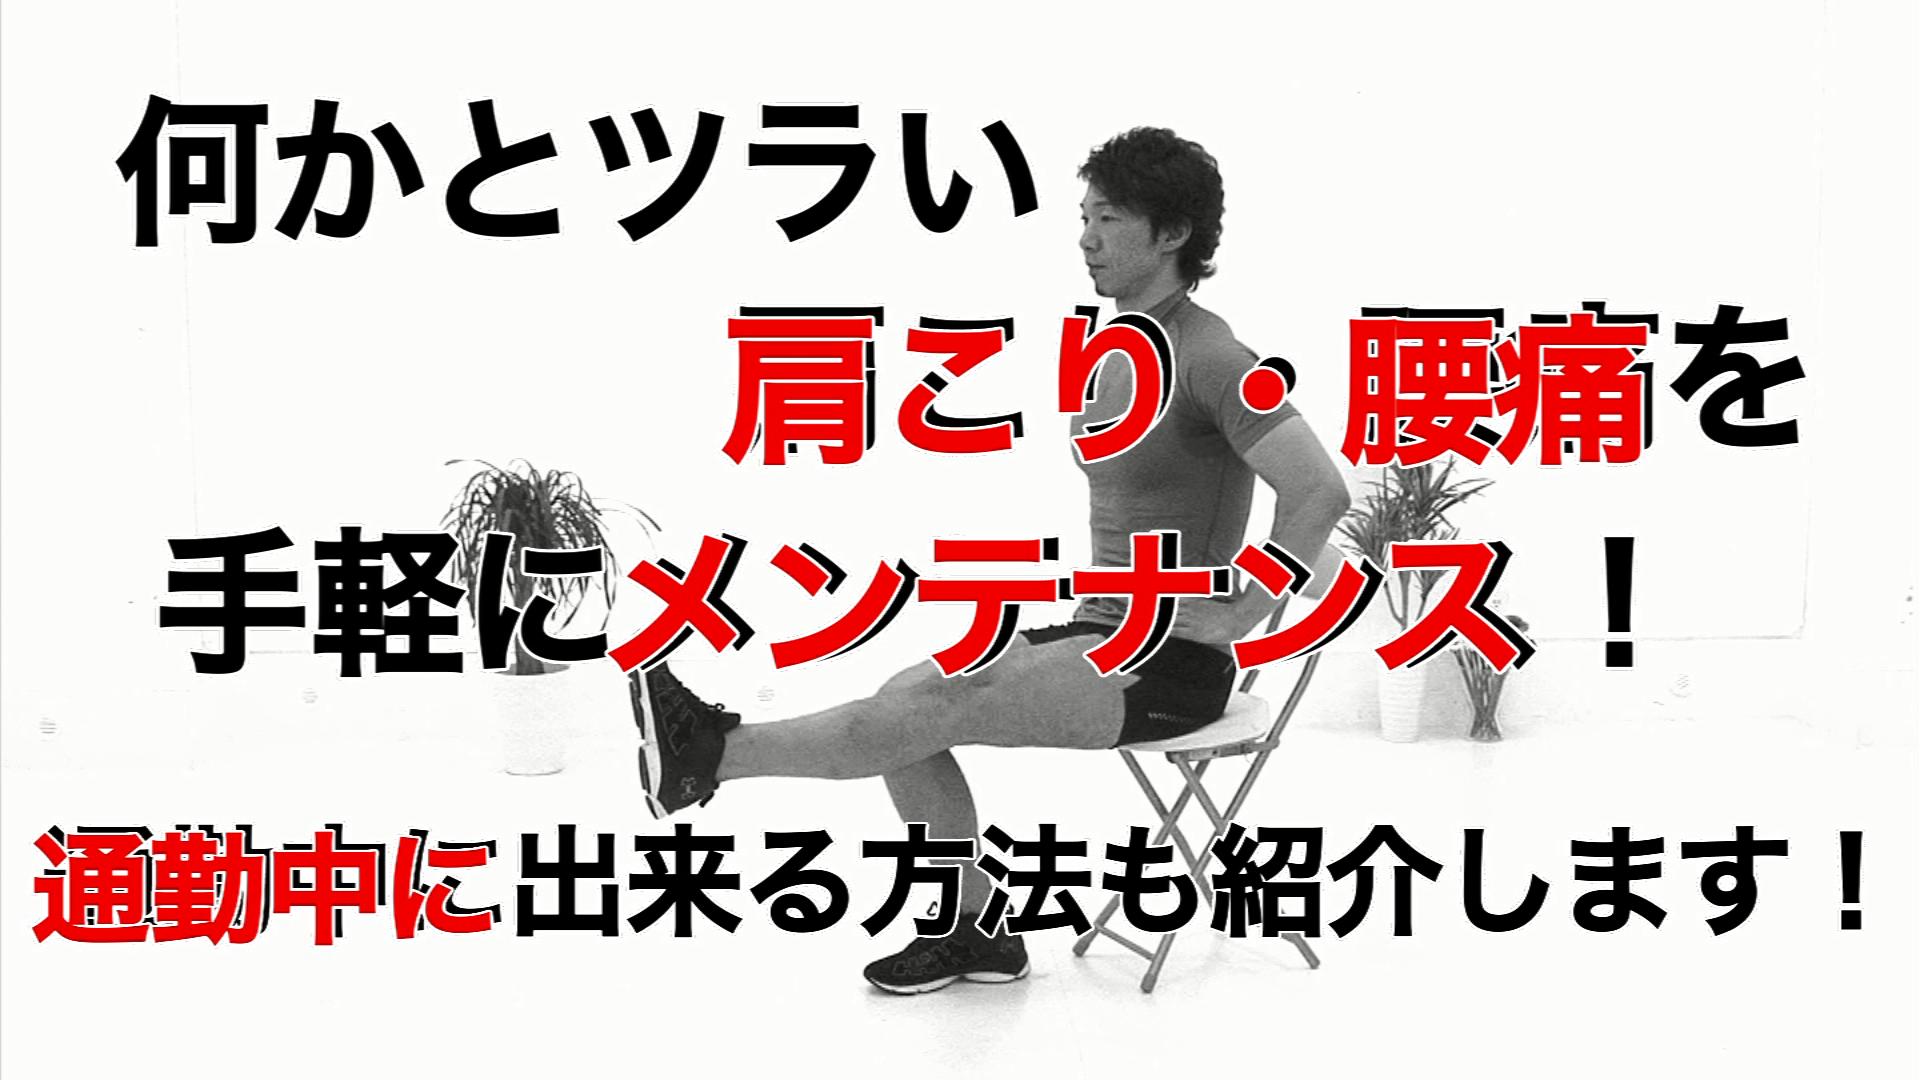 スクリーンショット 2014-10-03 20.22.23